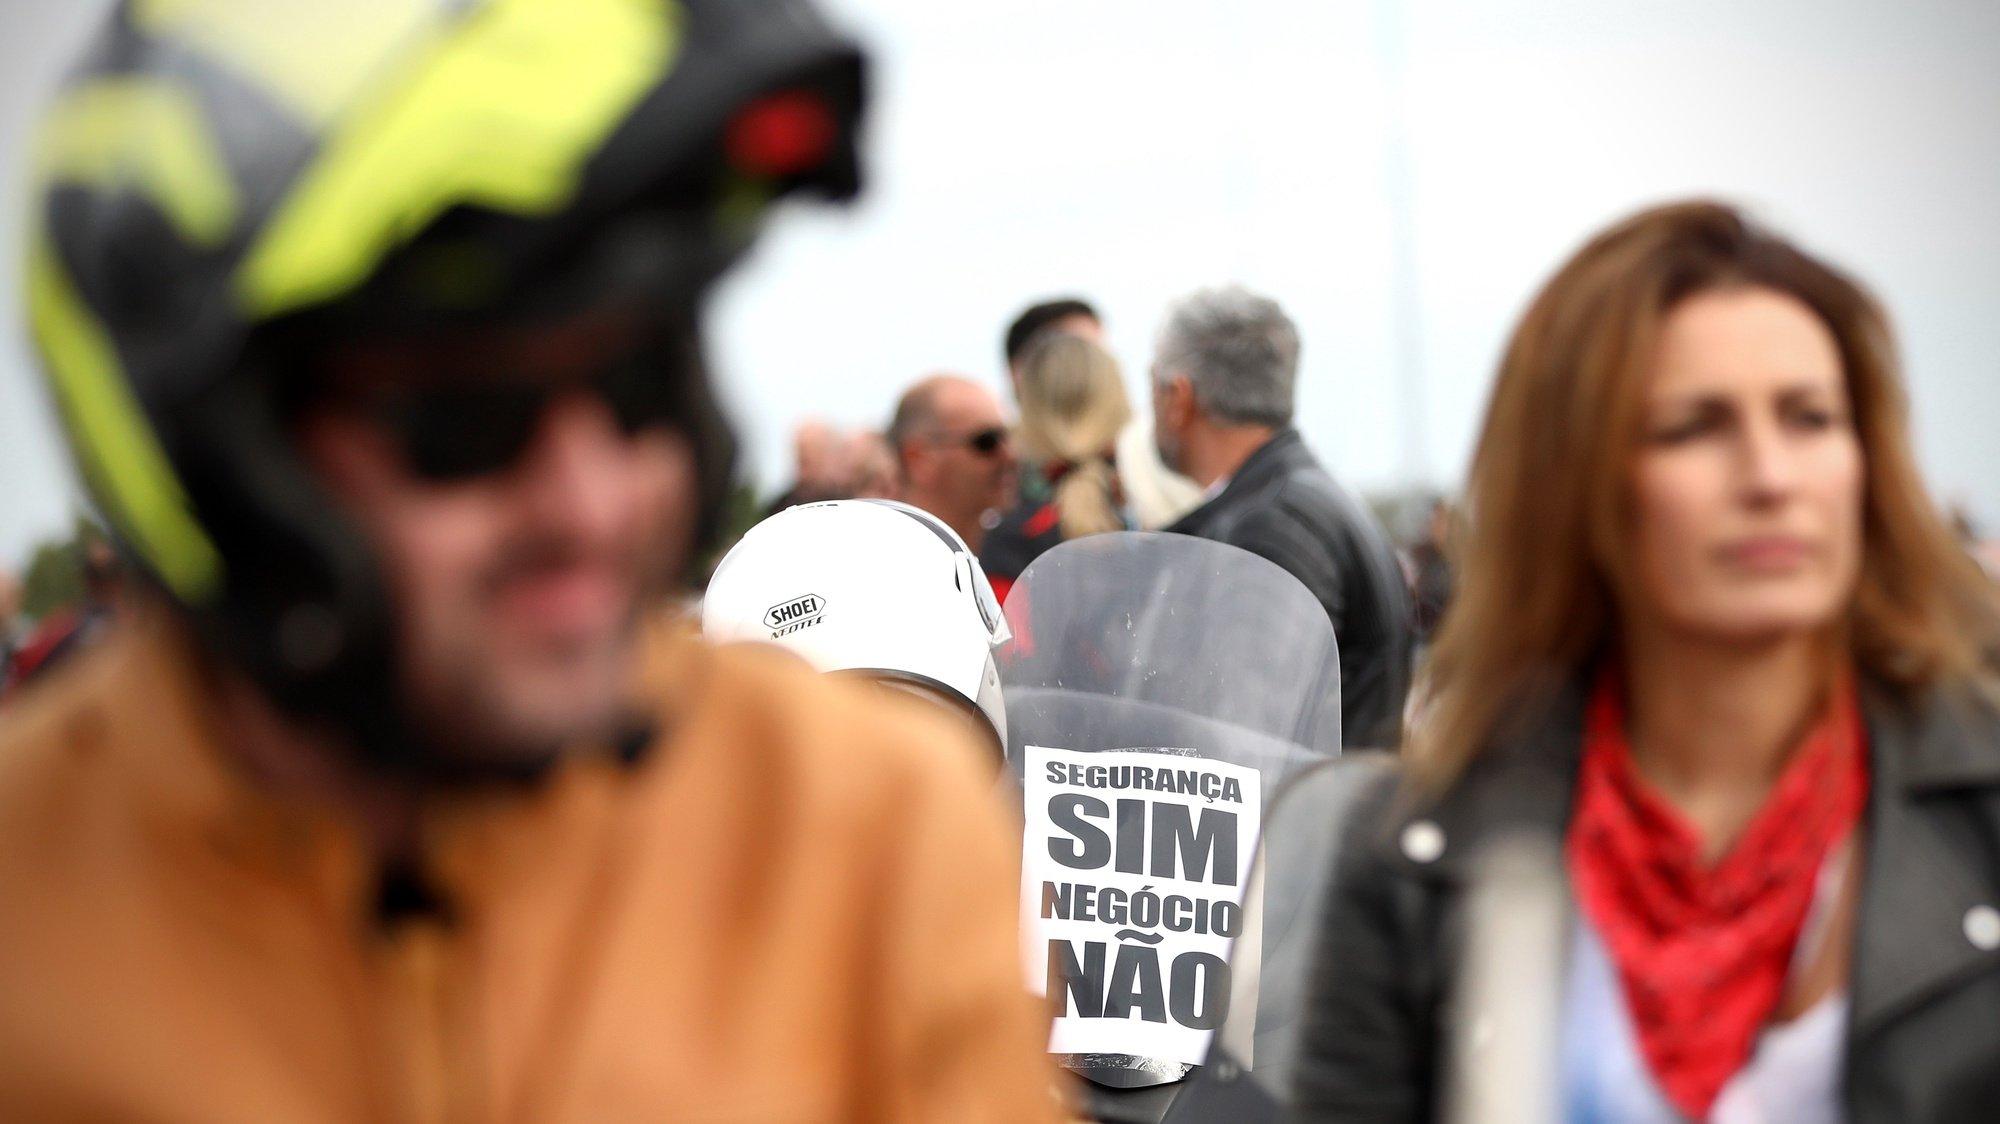 Motociclistas manifestam-se contra as inspeções periódicas, uma medida imposta pelo Governo para os motociclos que entra em vigor a partir de janeiro de 2022, em Lisboa, 16 de outubro de 2021. ANTÓNIO PEDRO SANTOS/LUSA